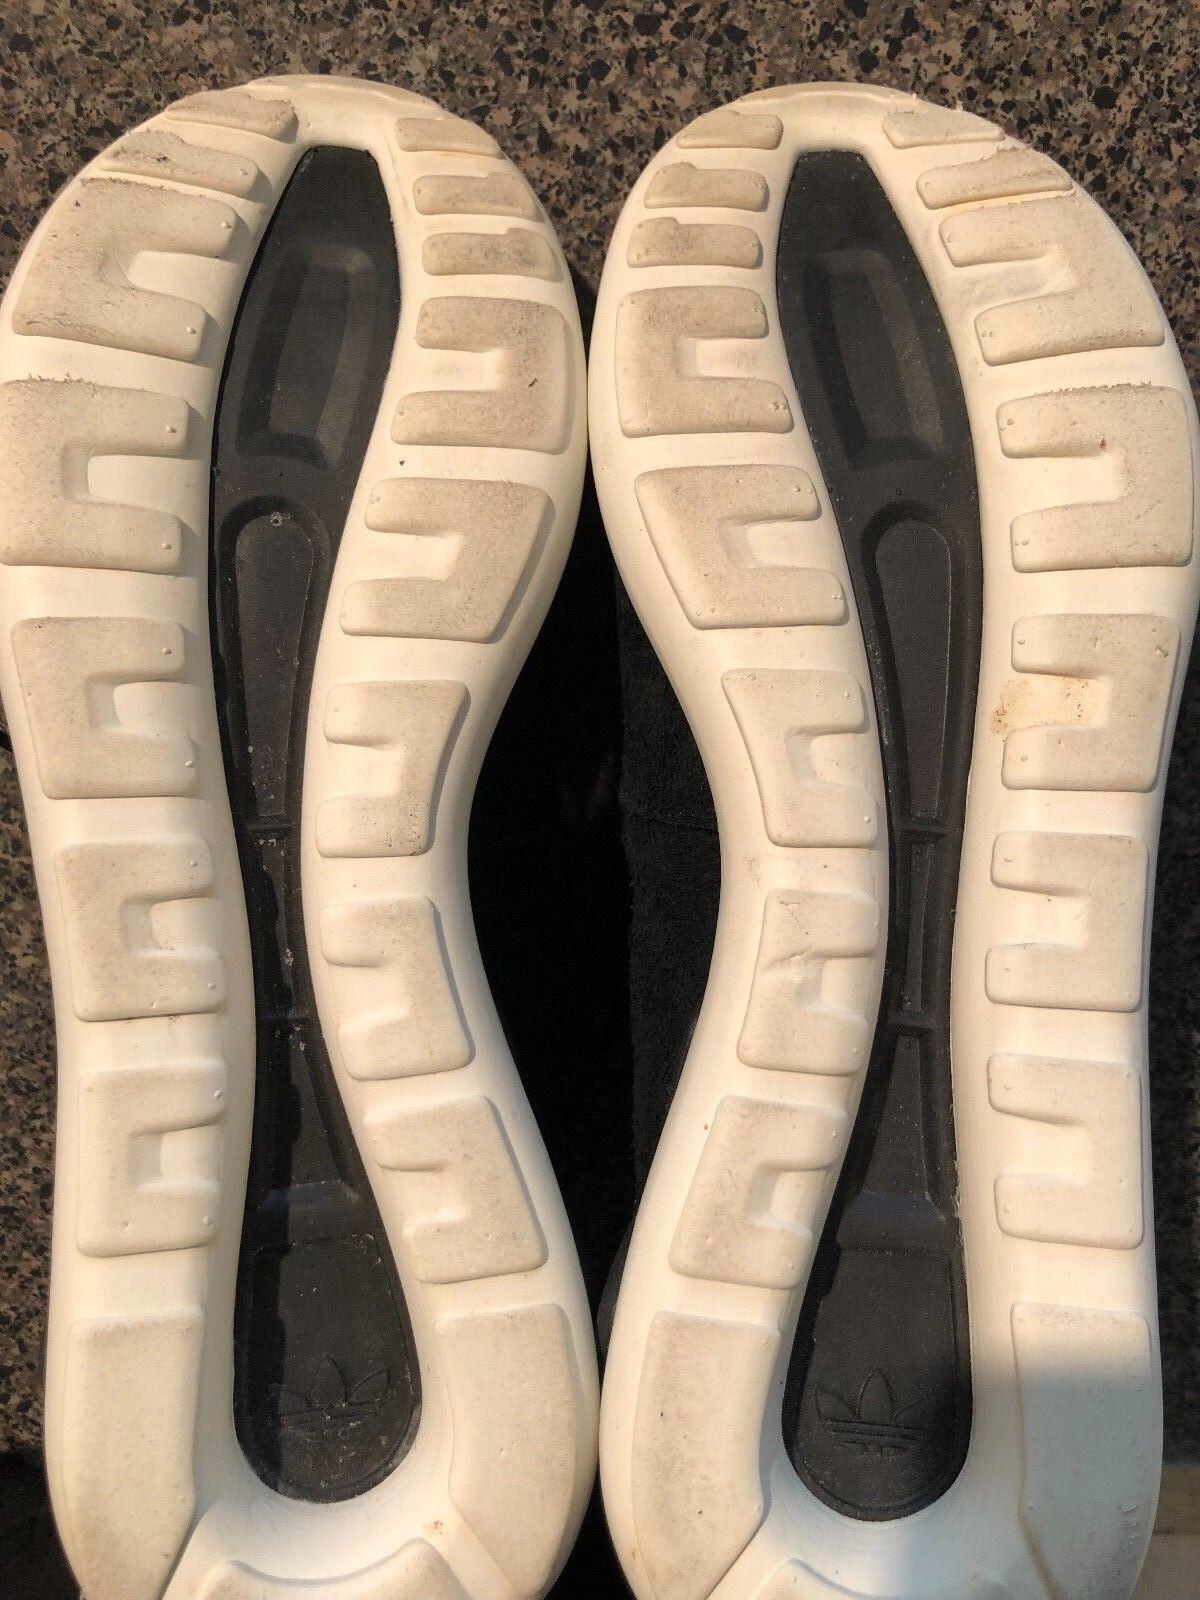 adidas tubuläre moc größe 9,5 9,5 9,5 3e67ba